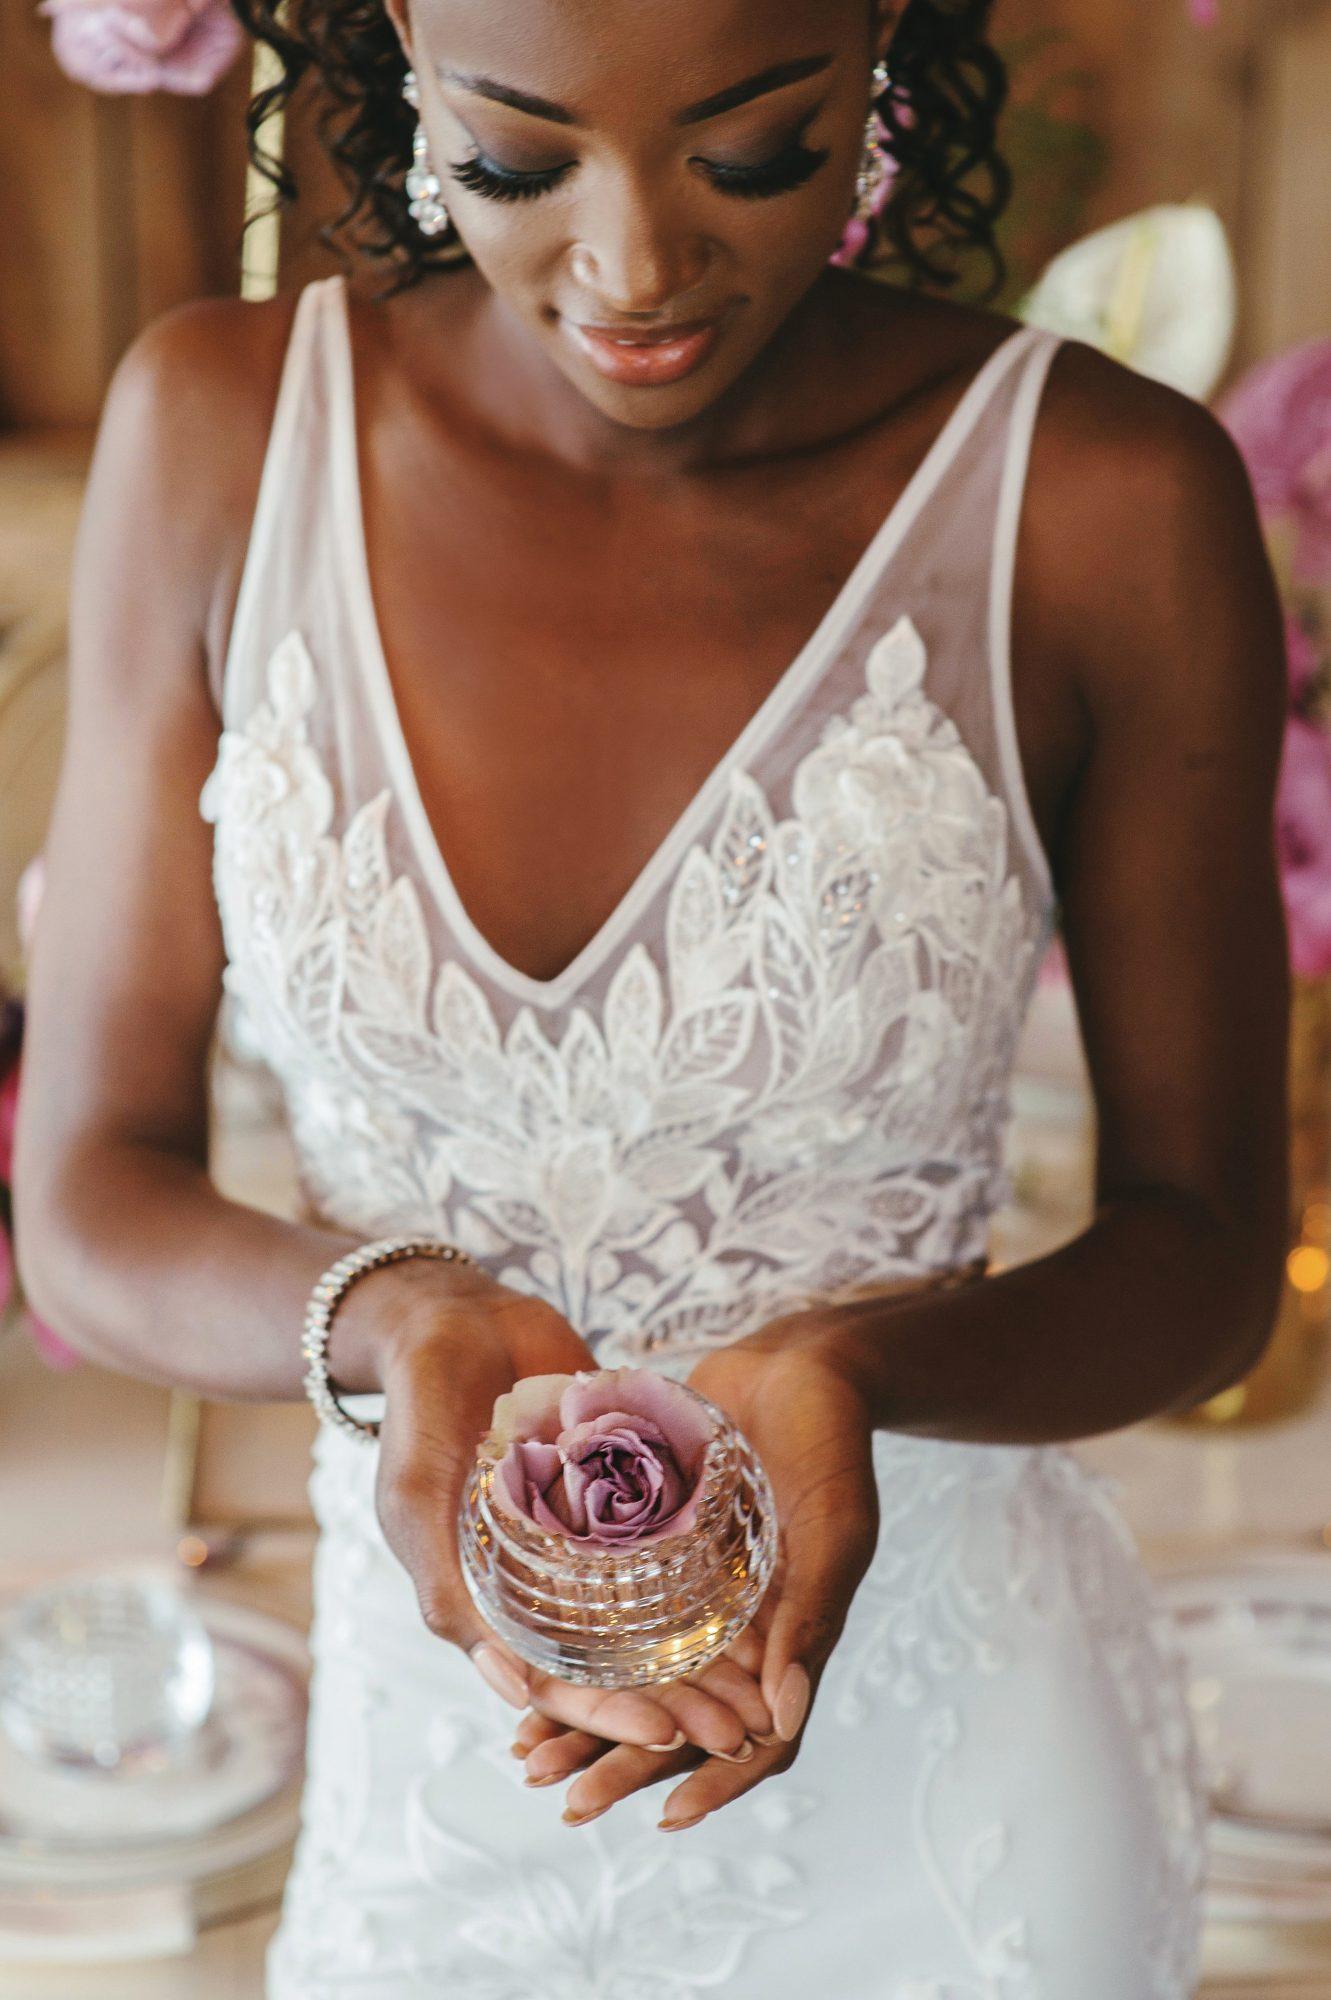 Dress Scoop has been featured in Elegant Wedding Magazine picture 2